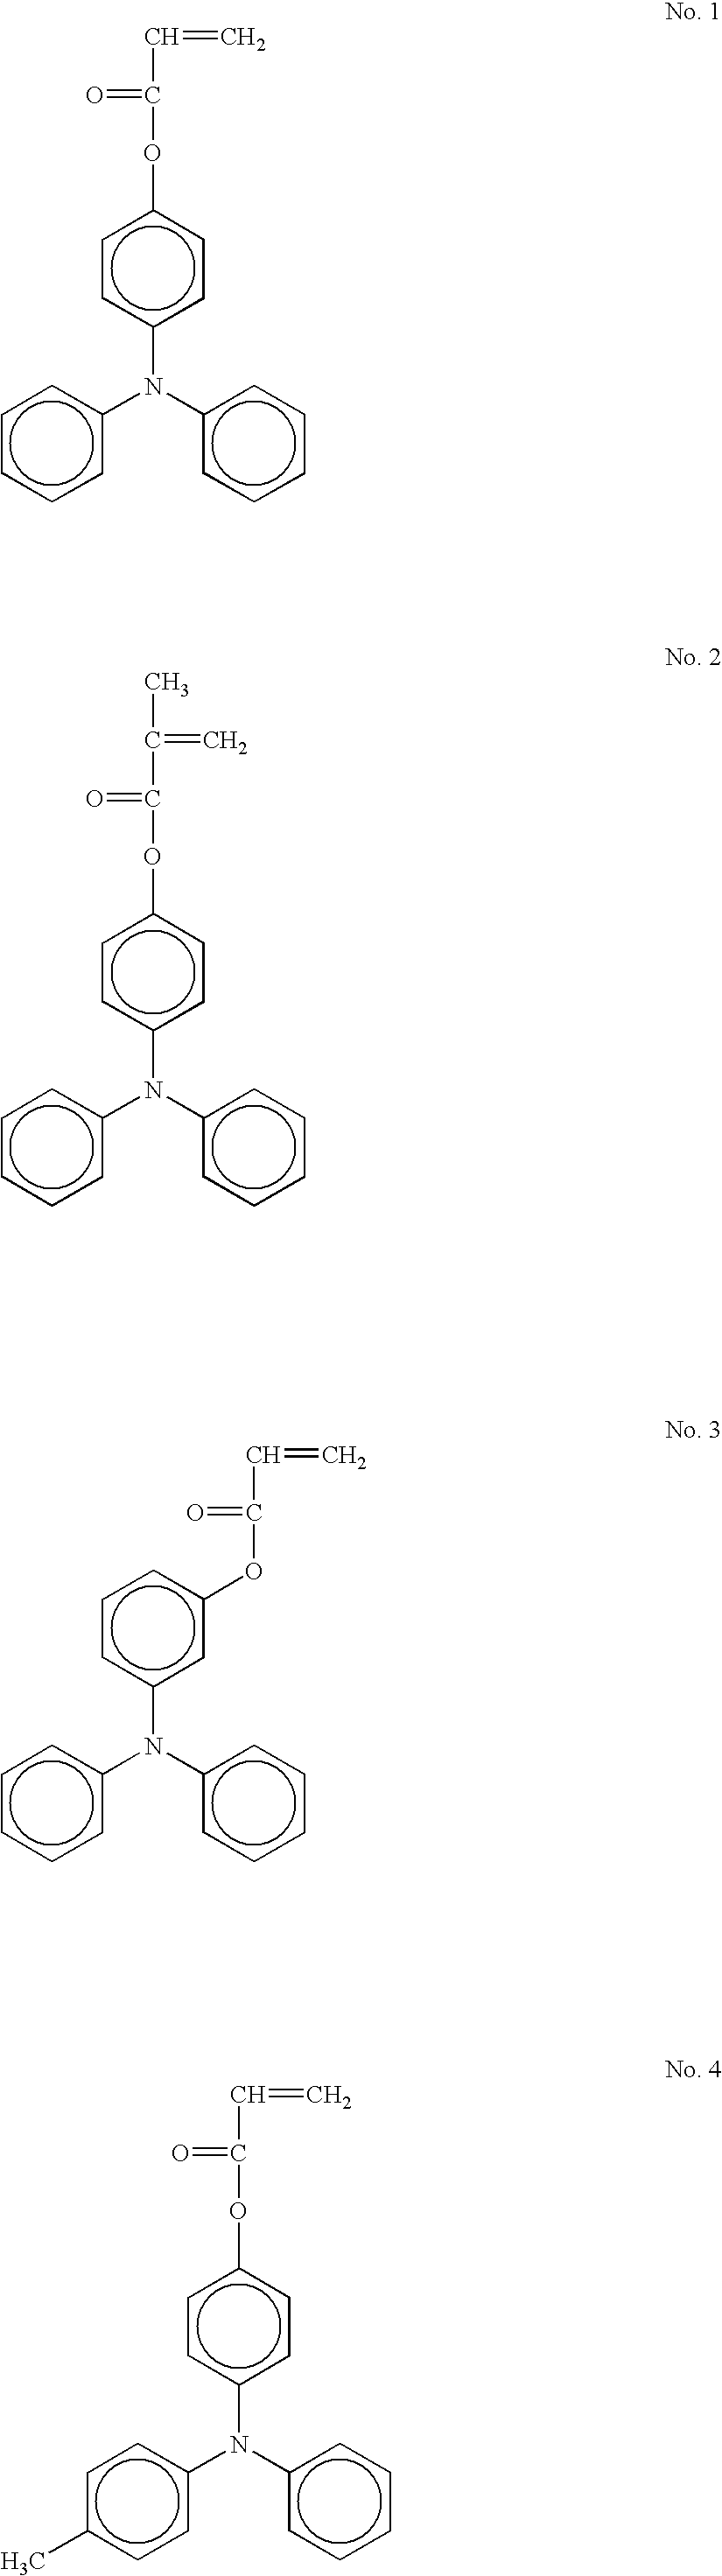 Figure US20060177749A1-20060810-C00019